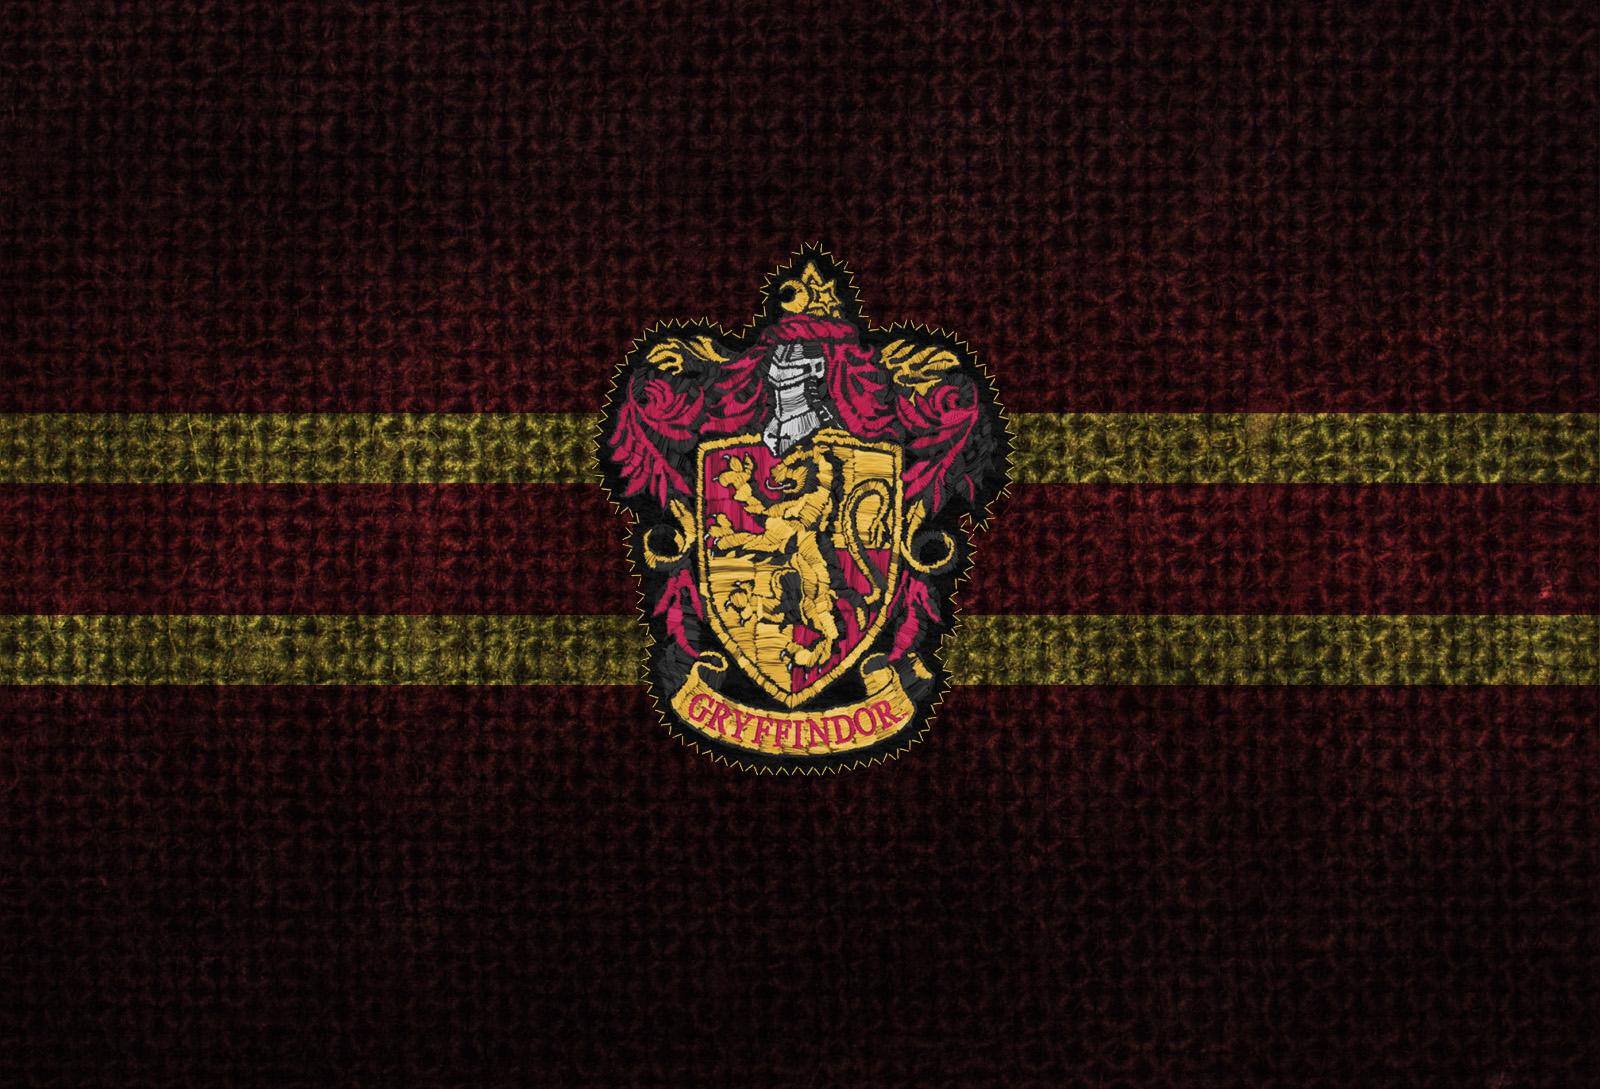 Harry Potter Hogwarts Crest Best Widescreen Background 1288283 1600x1089